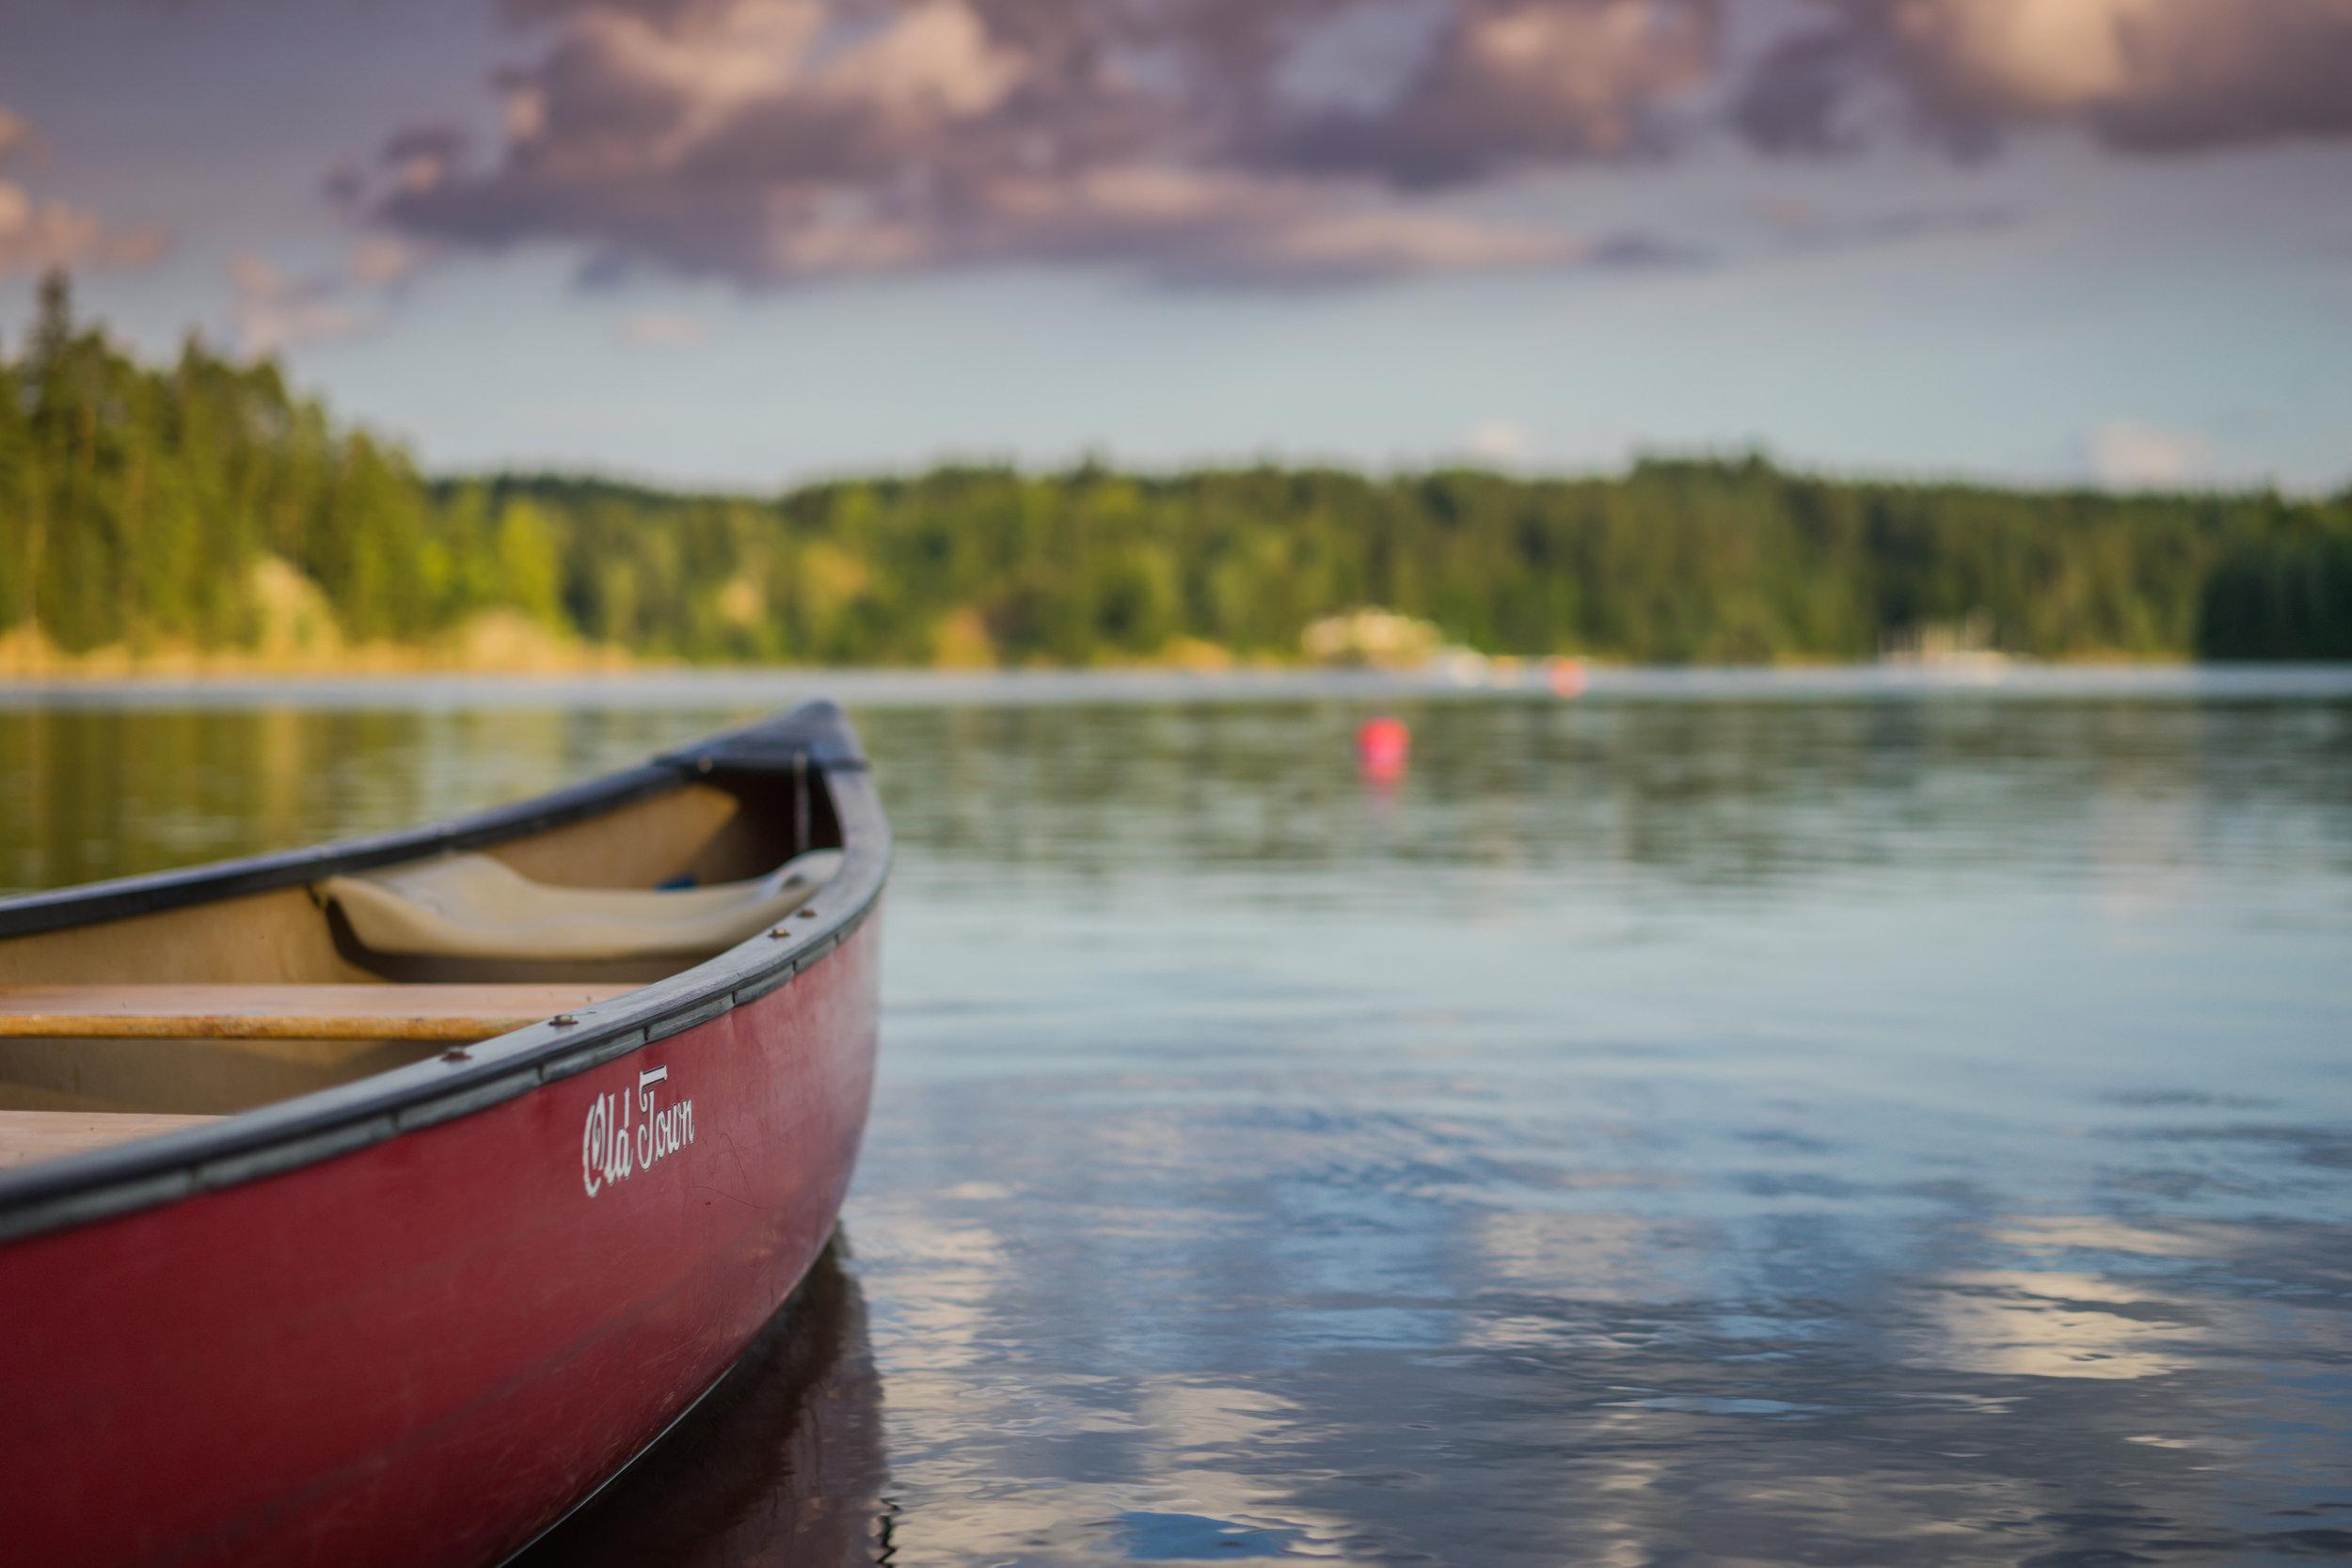 CAnoeing - Location: Acadia NP, Downeast MEPrice: $35/personGroup Minimum/Maximum: 5/15